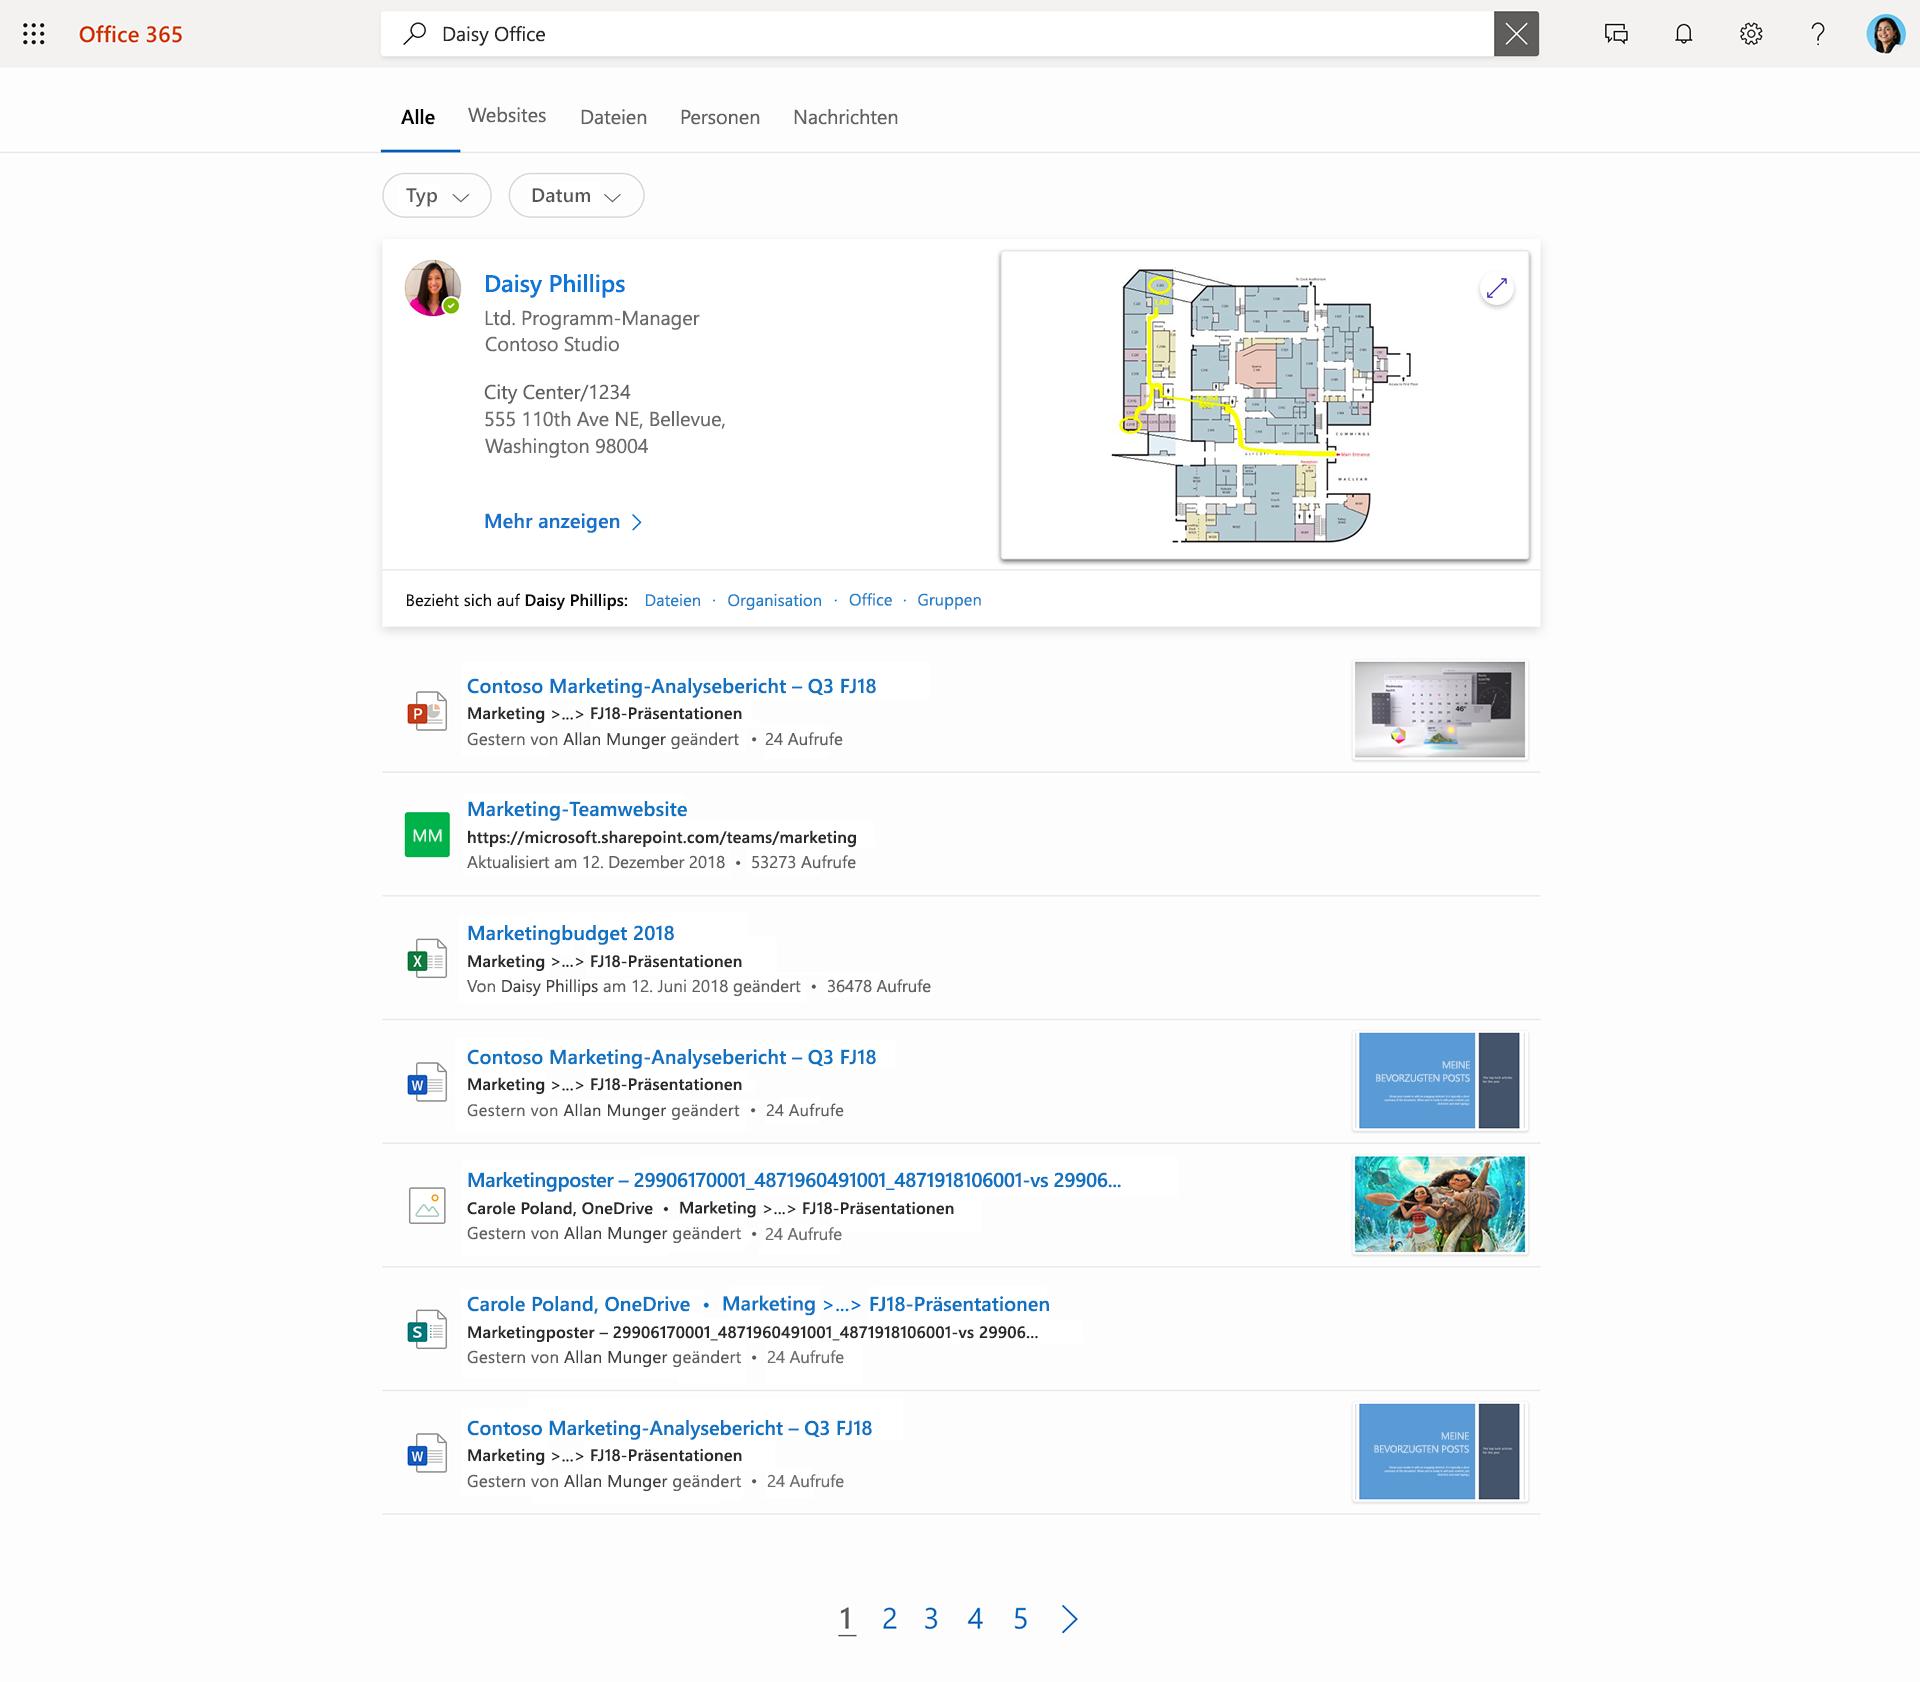 """Abbildung von Microsoft Search. Nach der Eingabe von """"Daisy Office"""" in das Suchfeld wird eine Liste mit Kontakten, Dateien und Websites angezeigt."""